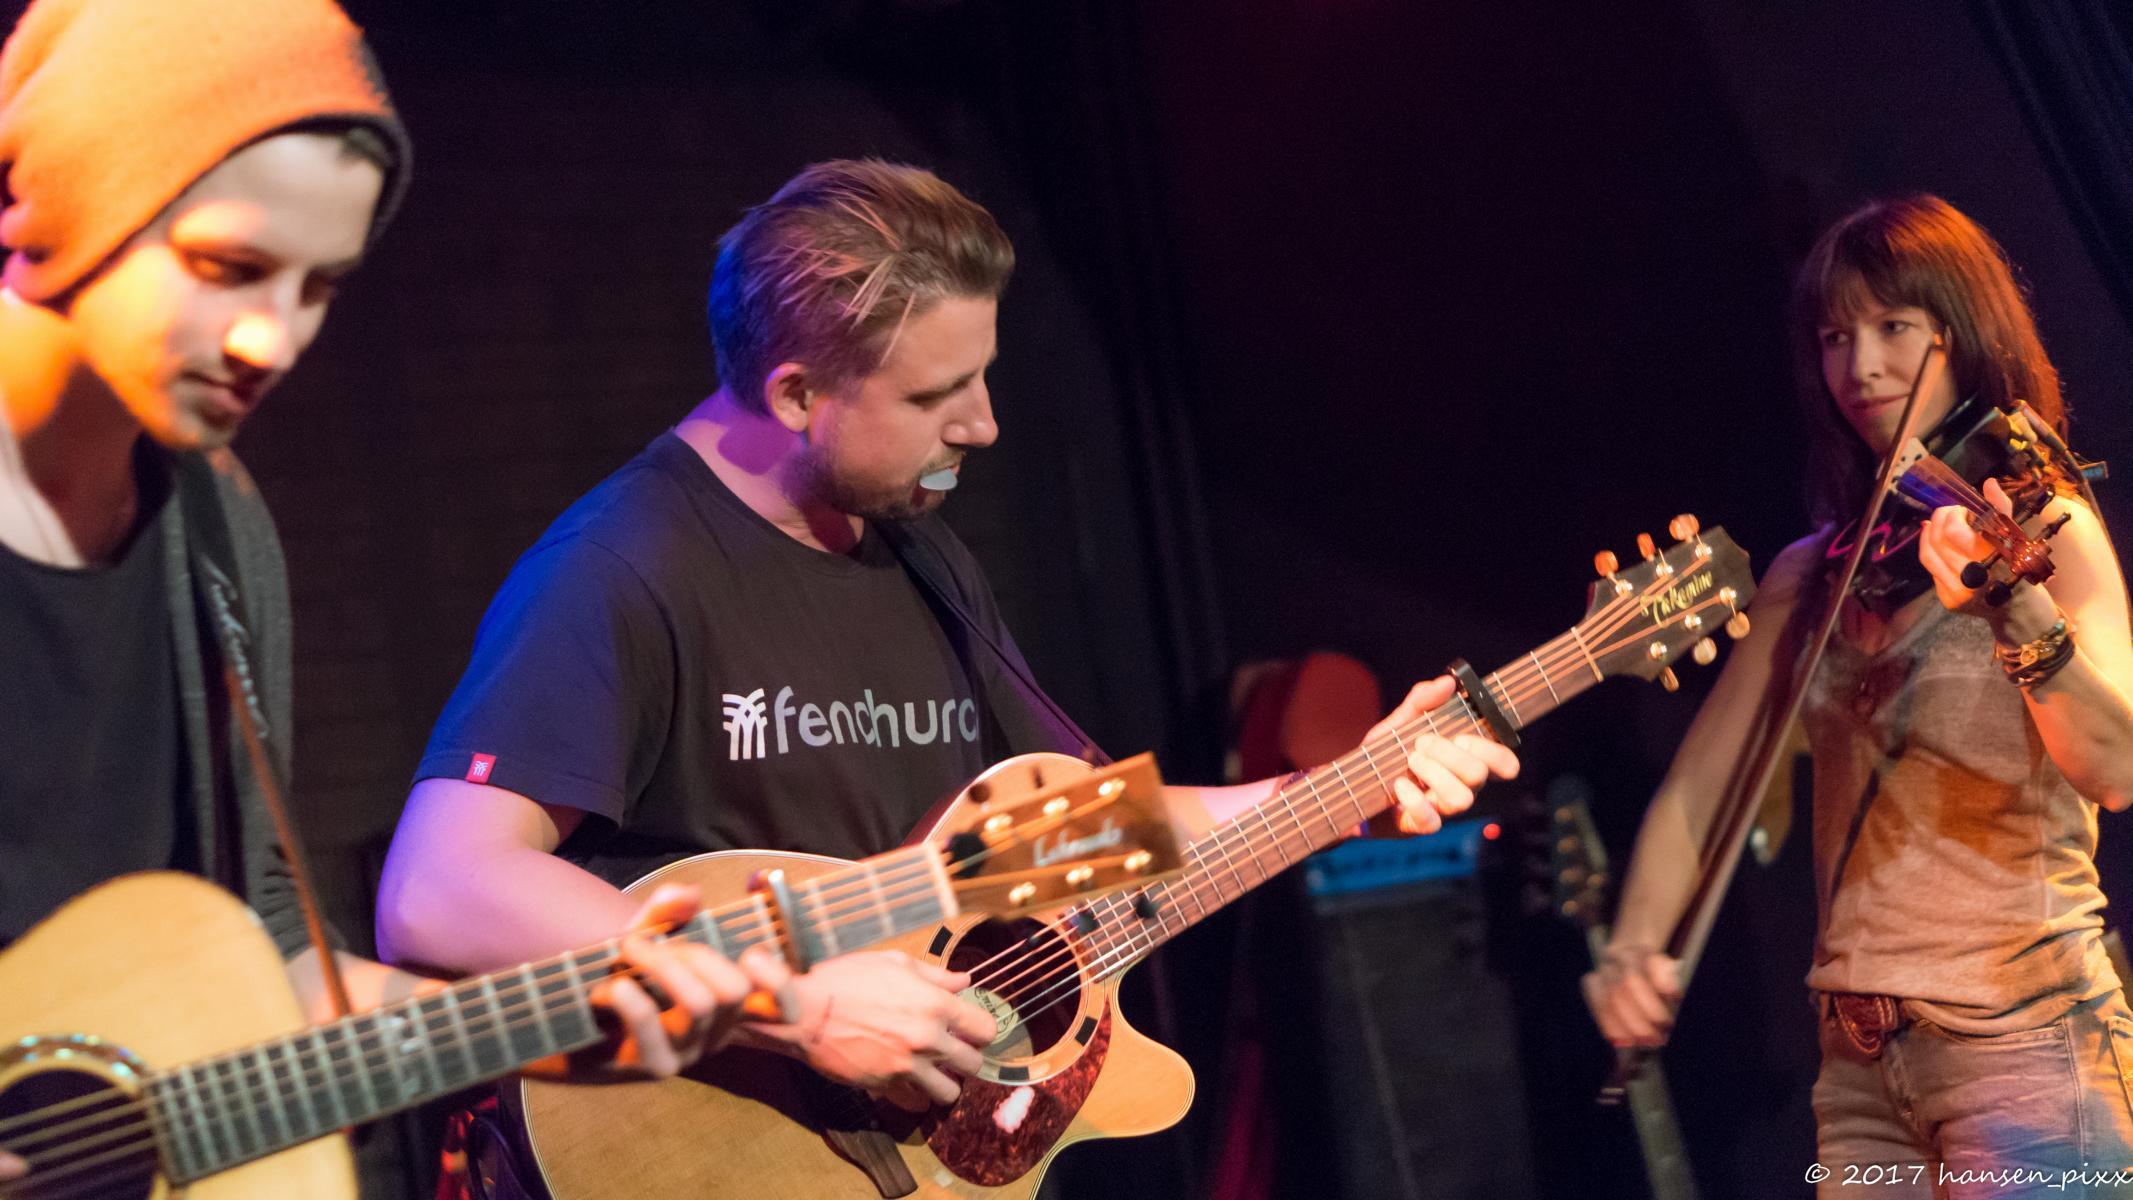 Vorletzter Act des Abends ist der MuSoC #open Jahreschampion 2015 Ryan Inglis, der seitdem immer gern mit Sebastian Klein an der Gitarre und Saskia Götz an der Violine tourt. Ryans Songs alleine haben Ohrwurmcharakter, in der Formation werden sie zu genialen Gesamtpaketen.